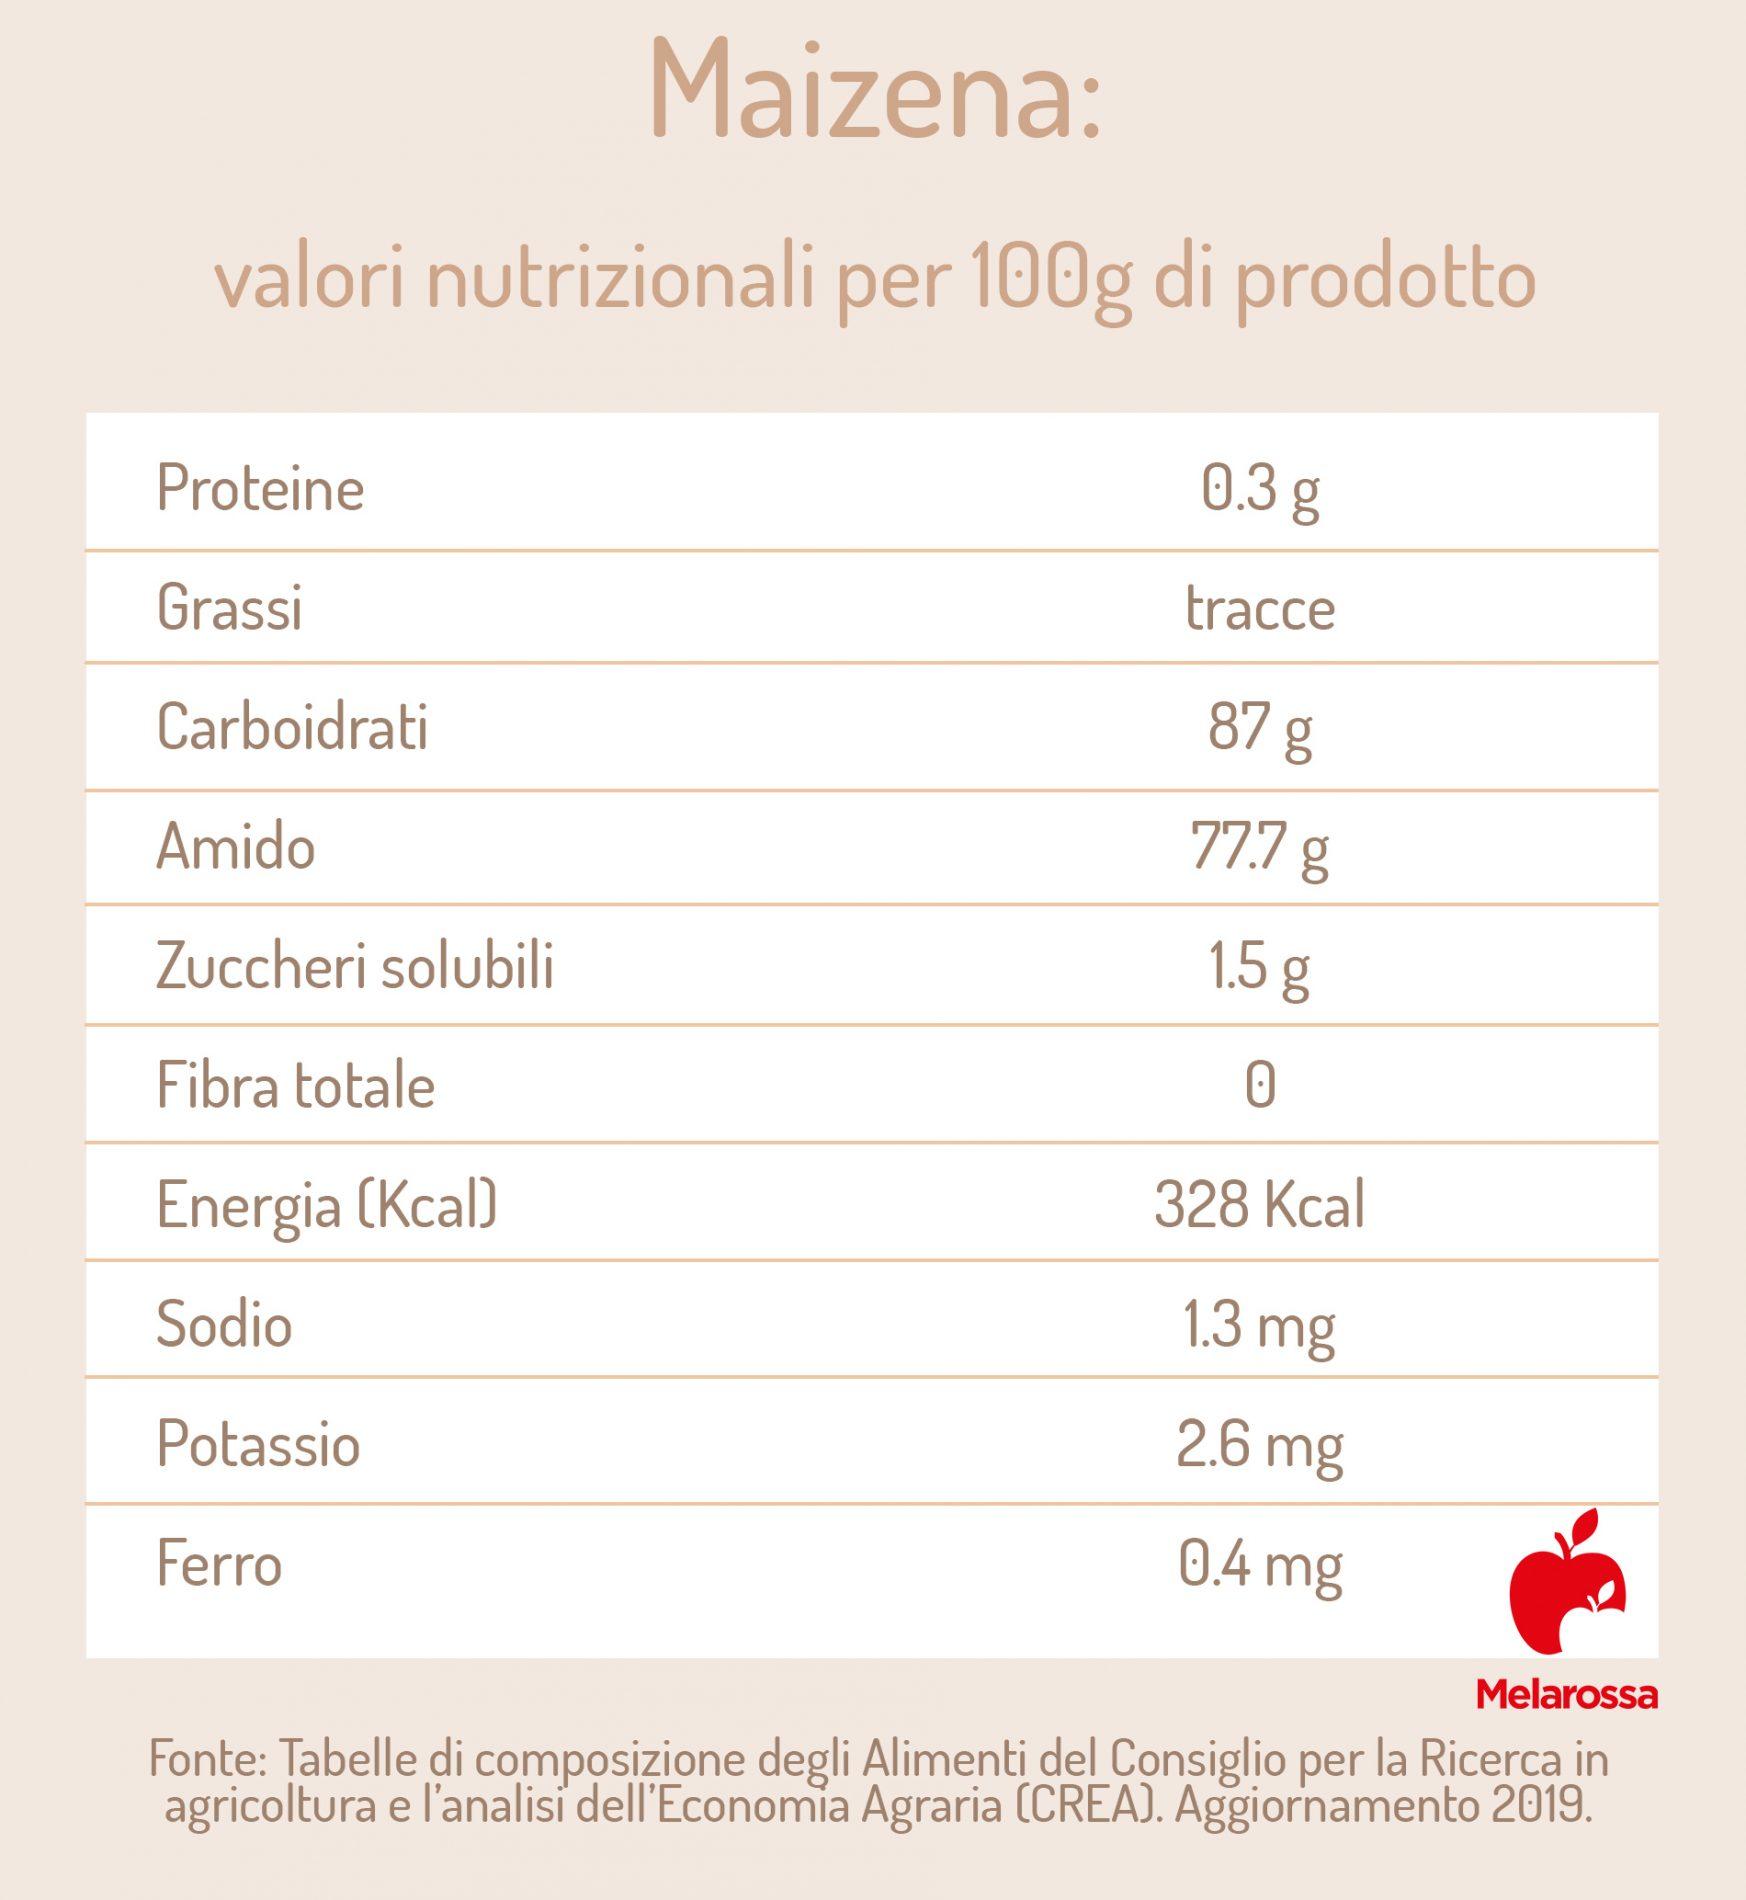 maizena: valori nutrizionali